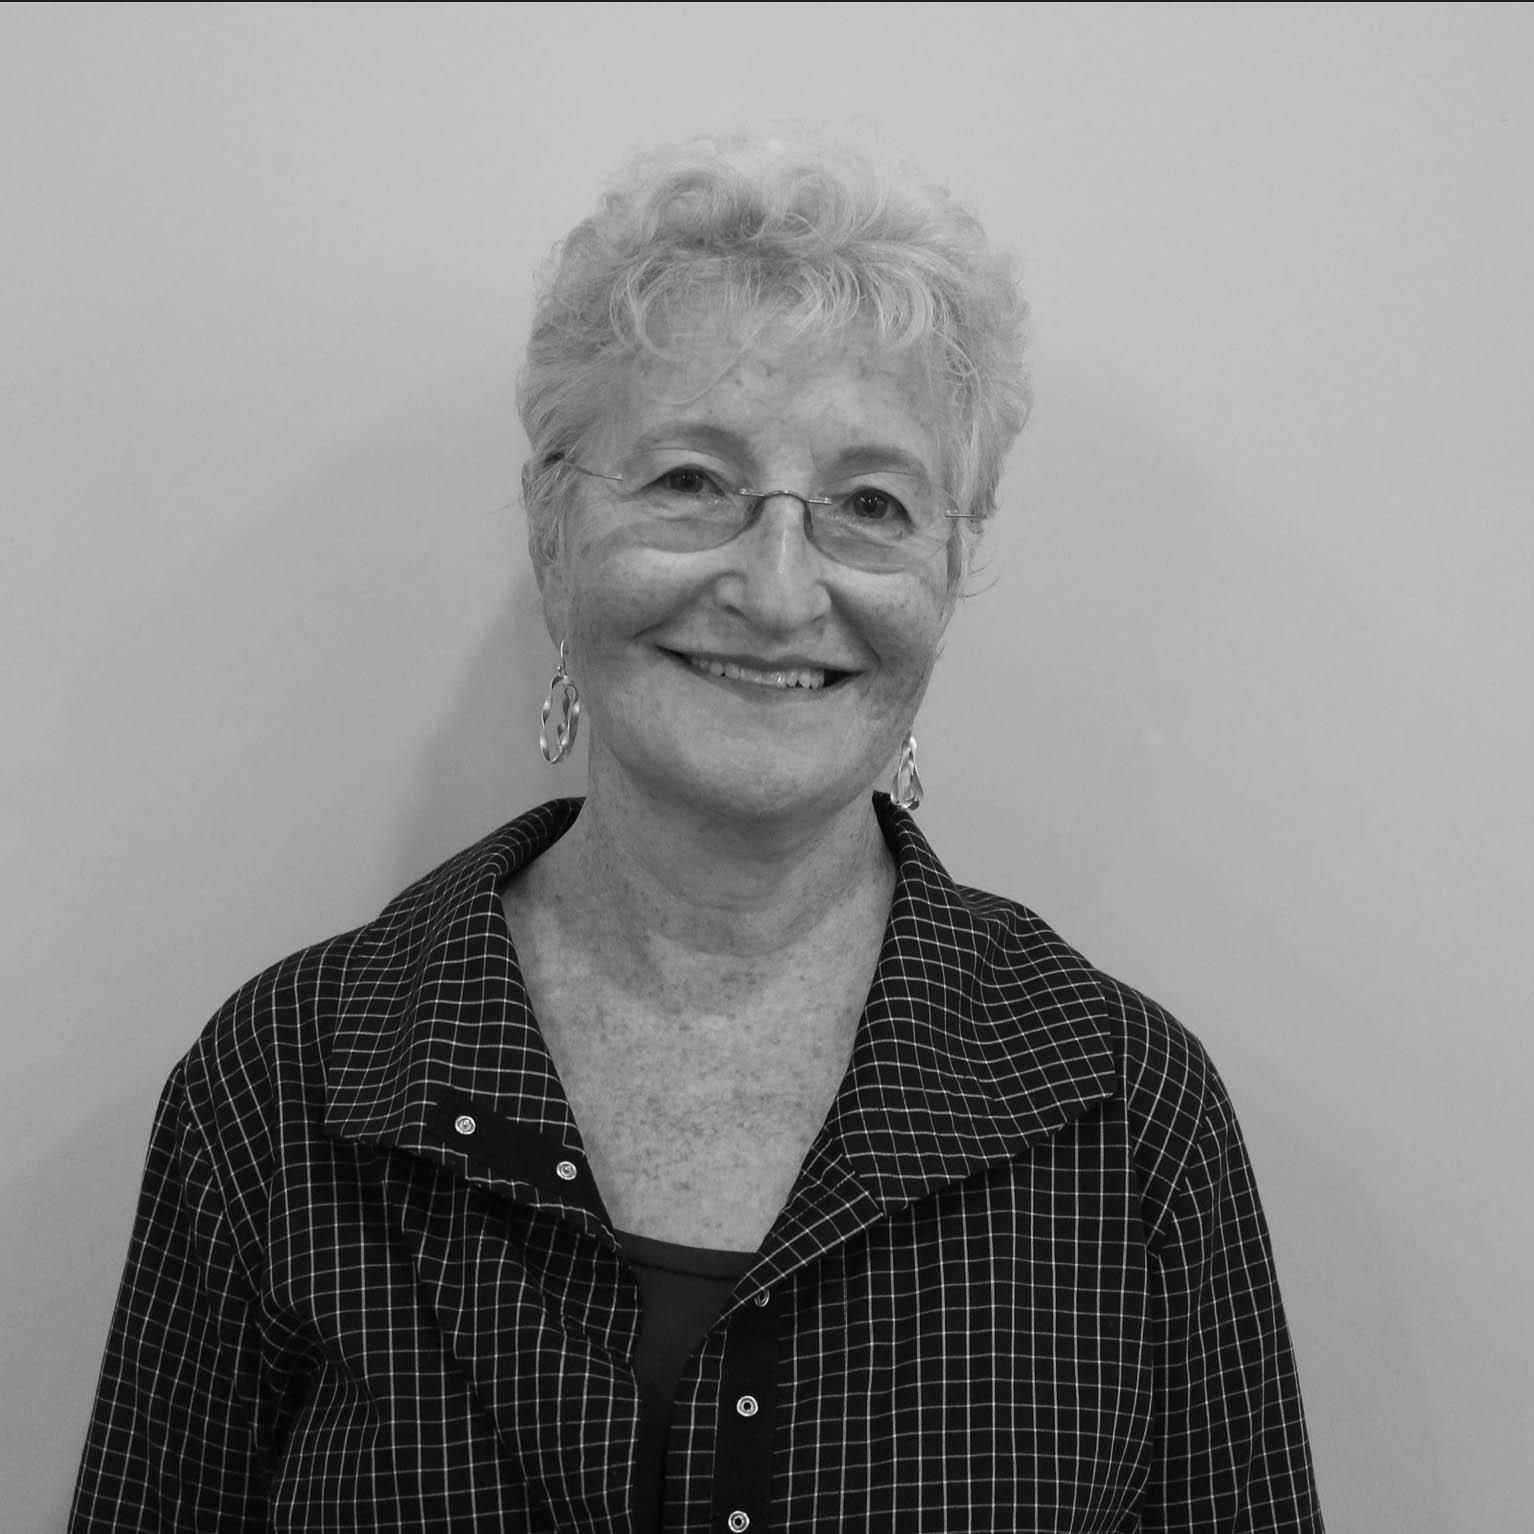 Lisa Rubinstein, M.D. - Board Member of the Boston Health Care for the Homeless Program | Practicing Psychiatrist |